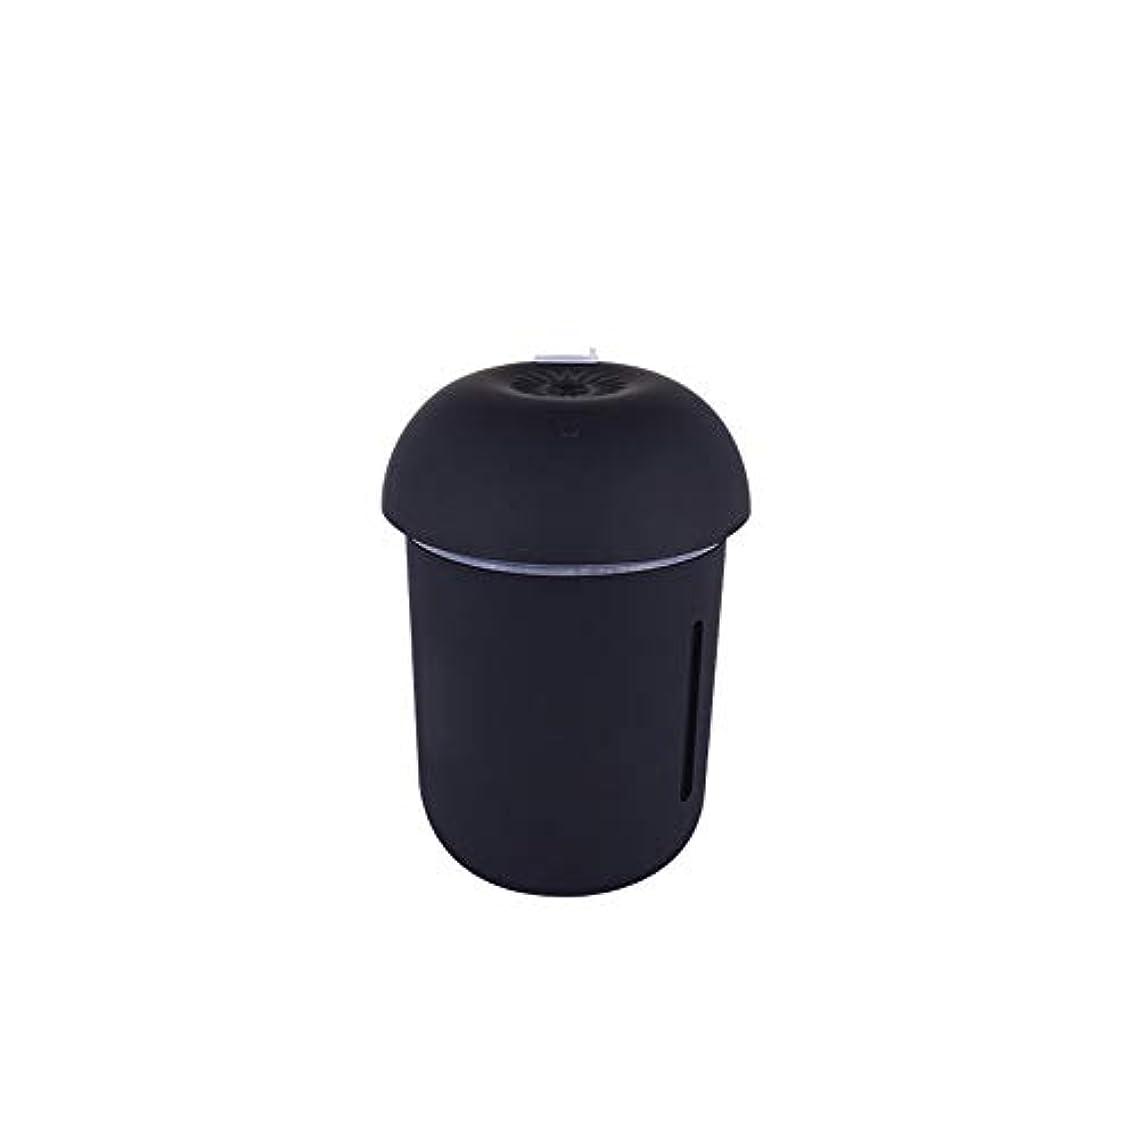 荷物広げるヘロインZXF クリエイティブ多機能水道メーターファンナイトライトスリーインワンきのこ加湿器usb充電車の空気清浄機美容機器 滑らかである (色 : Black)